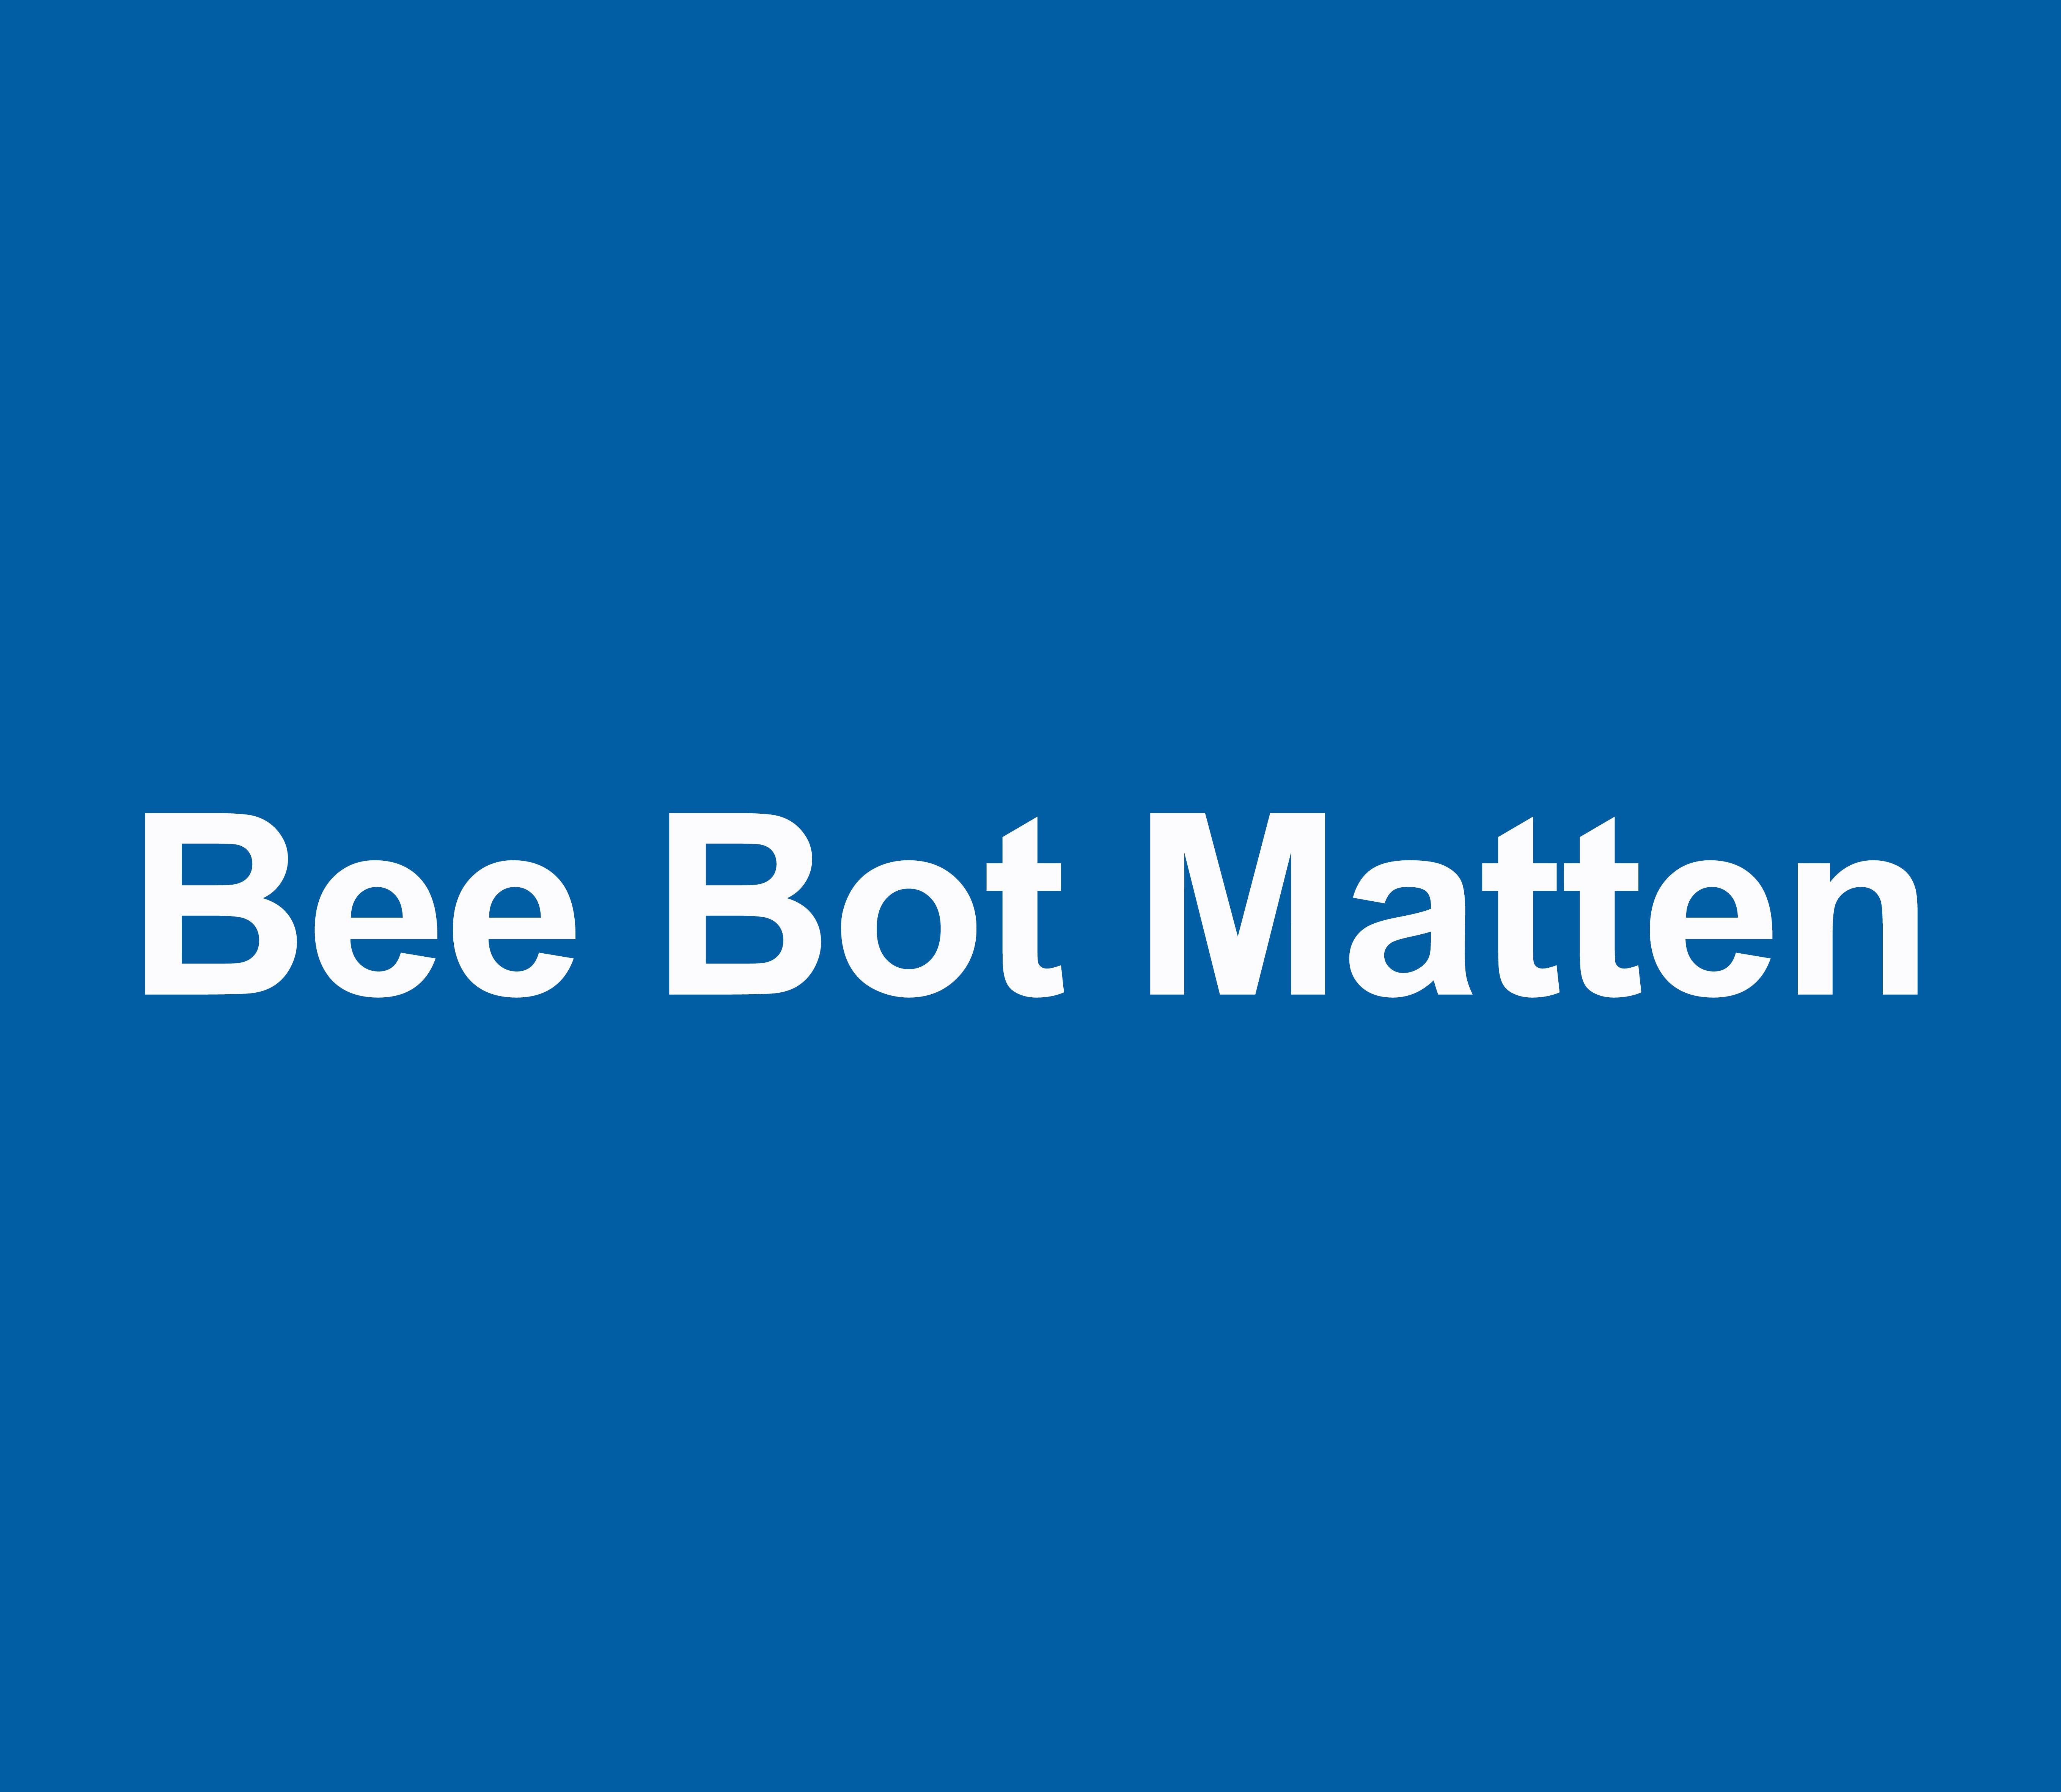 Bee Bot Matten